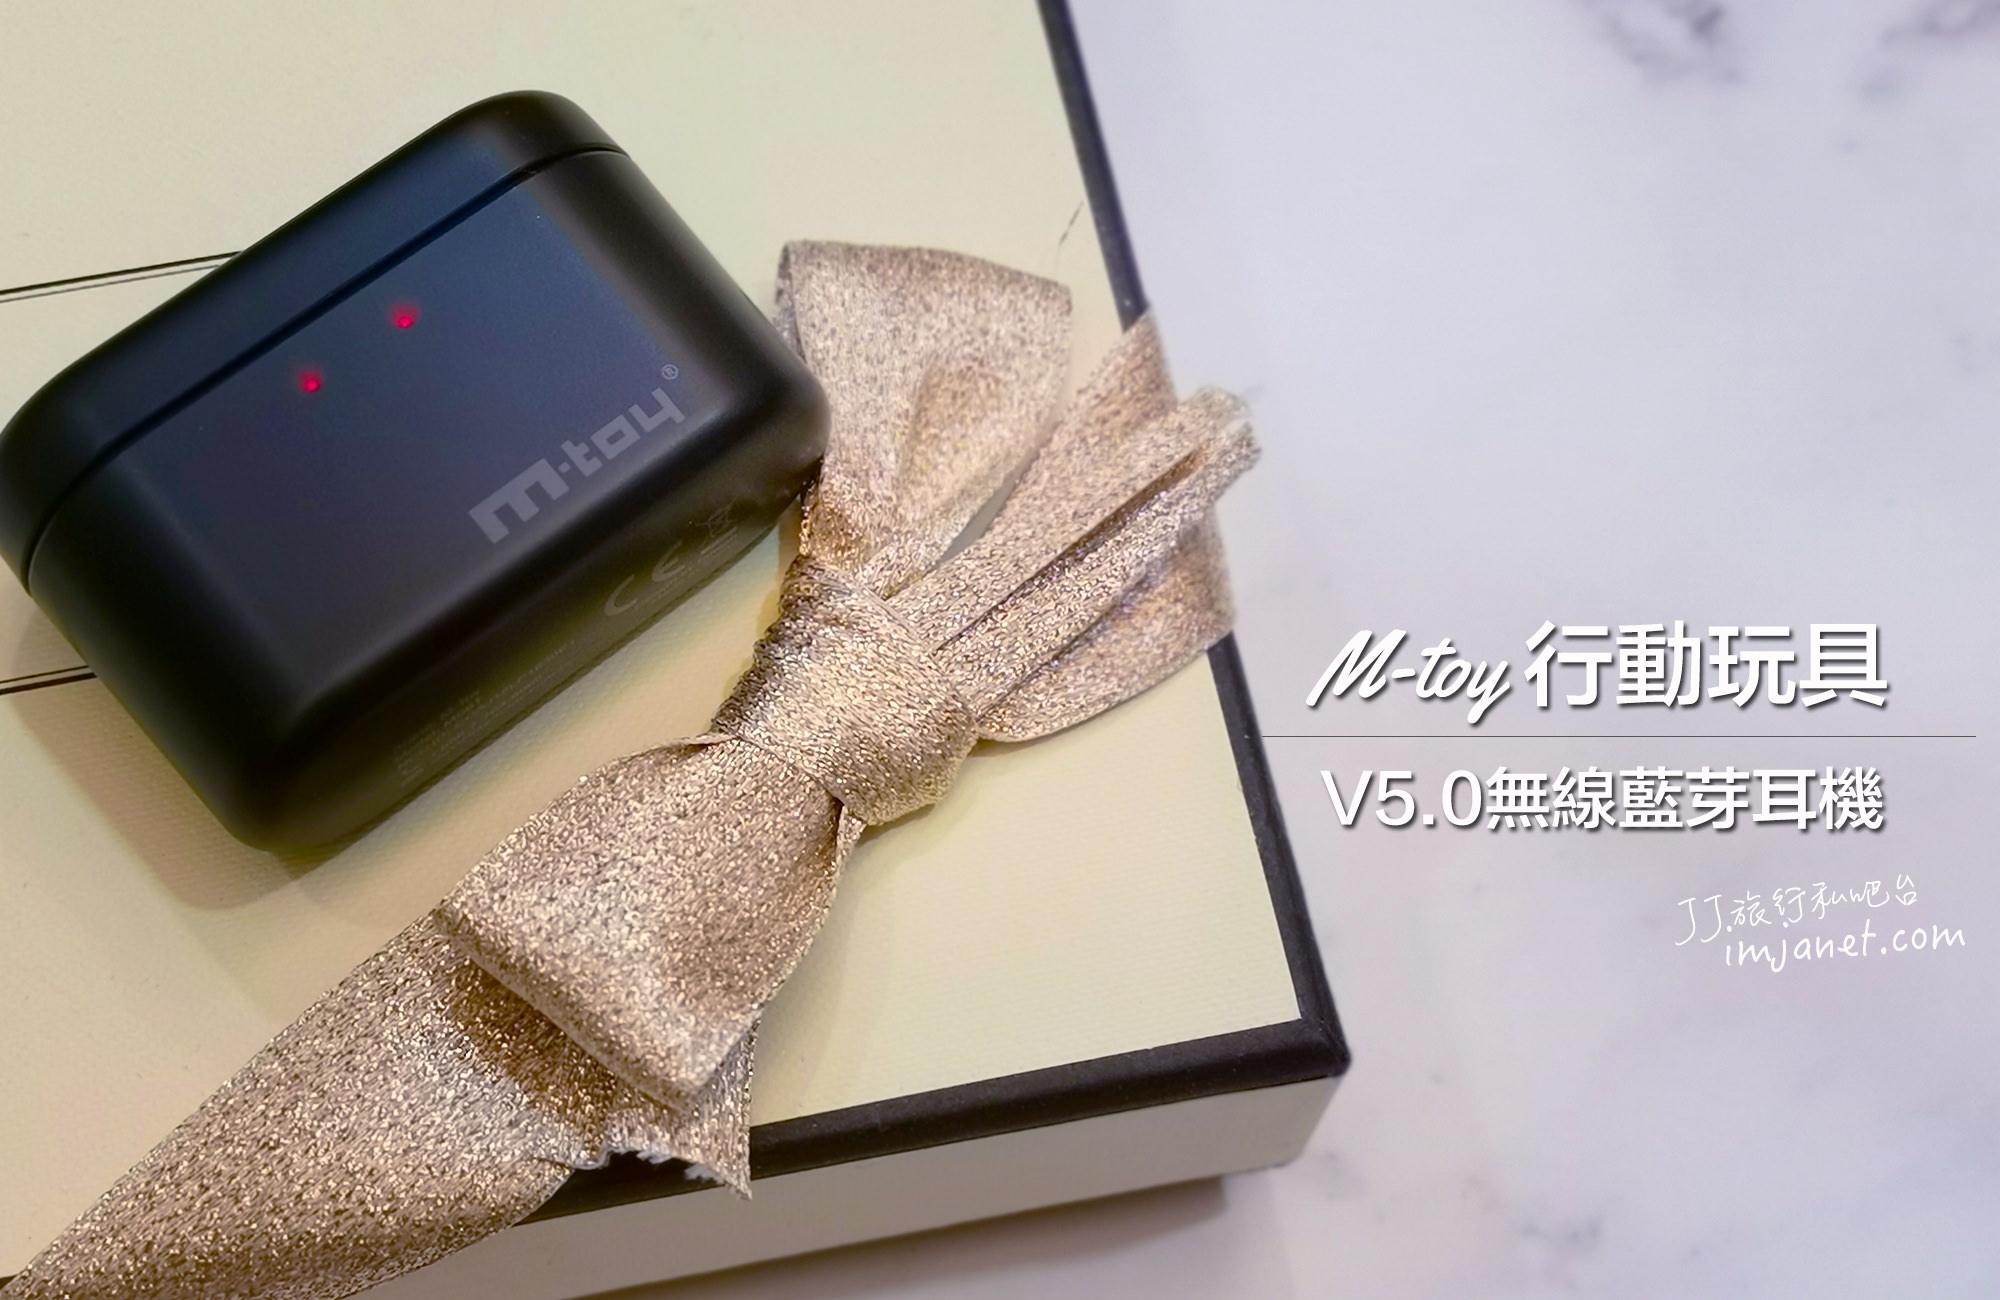 購物|M-toy行動玩具超迷你環境收音V5.0無線藍芽耳機開箱,運動慢跑通勤好實用